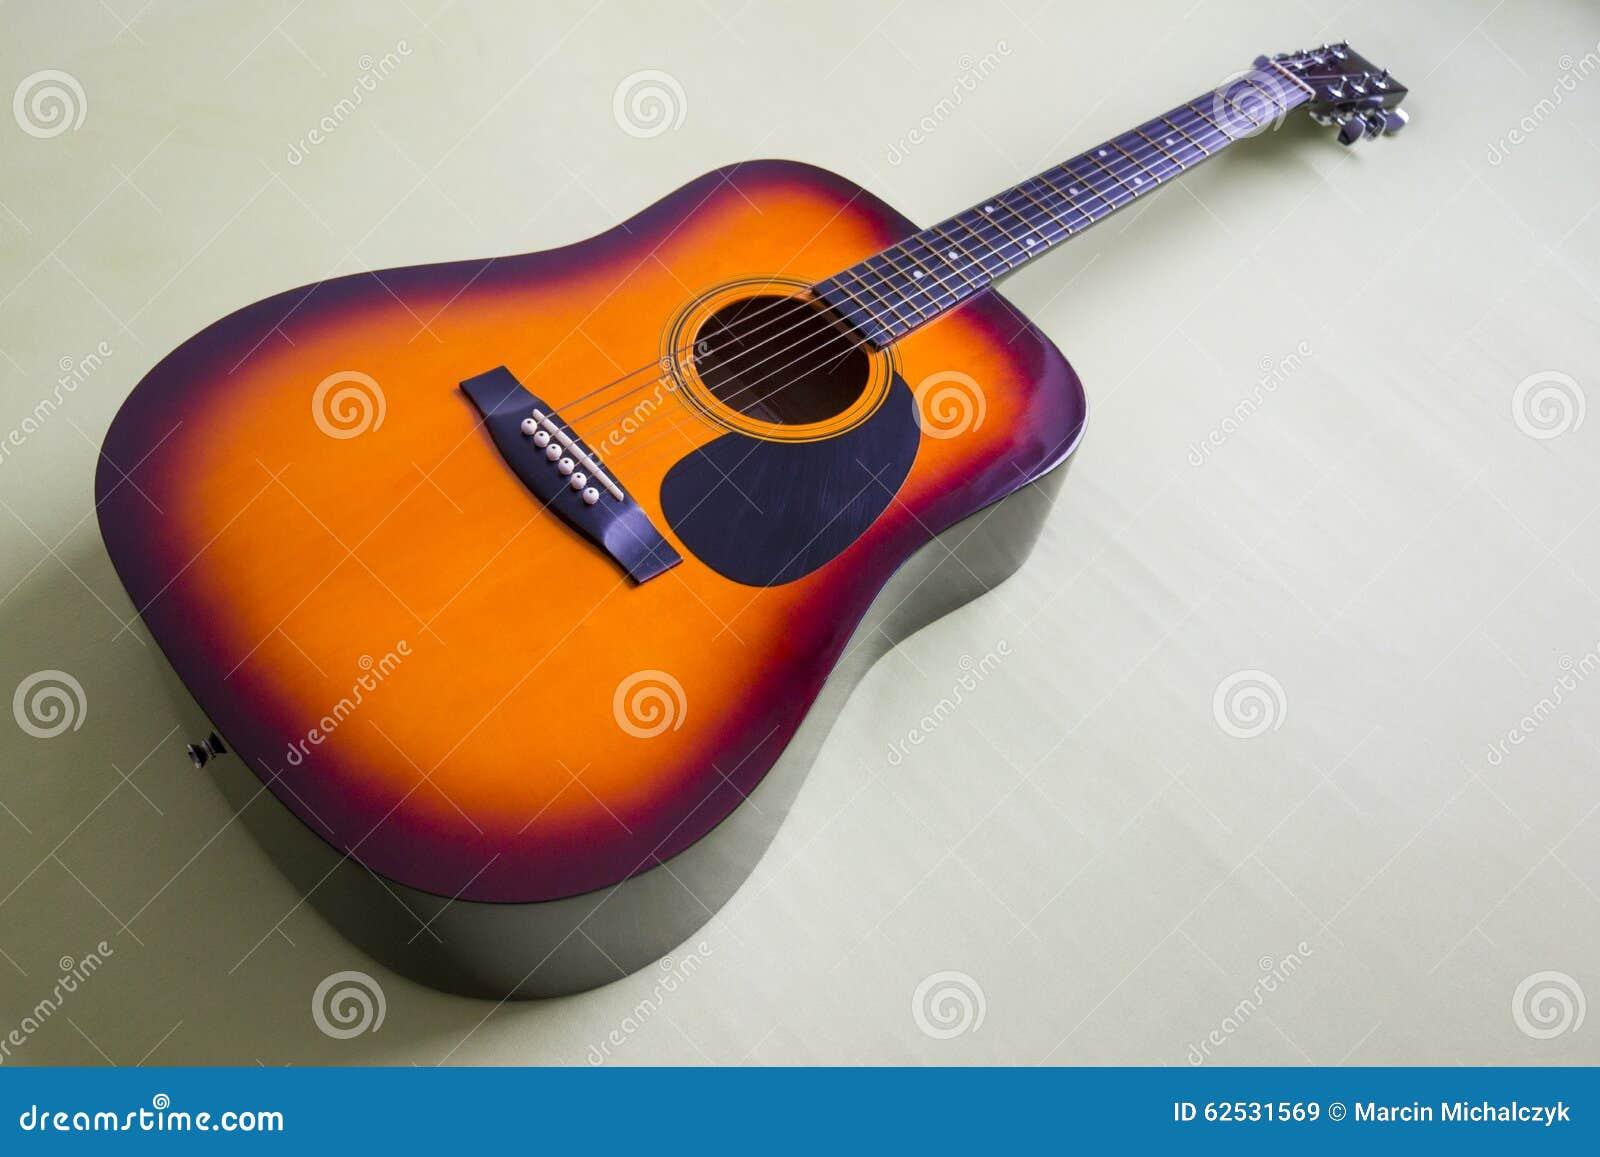 墨西哥声学吉他